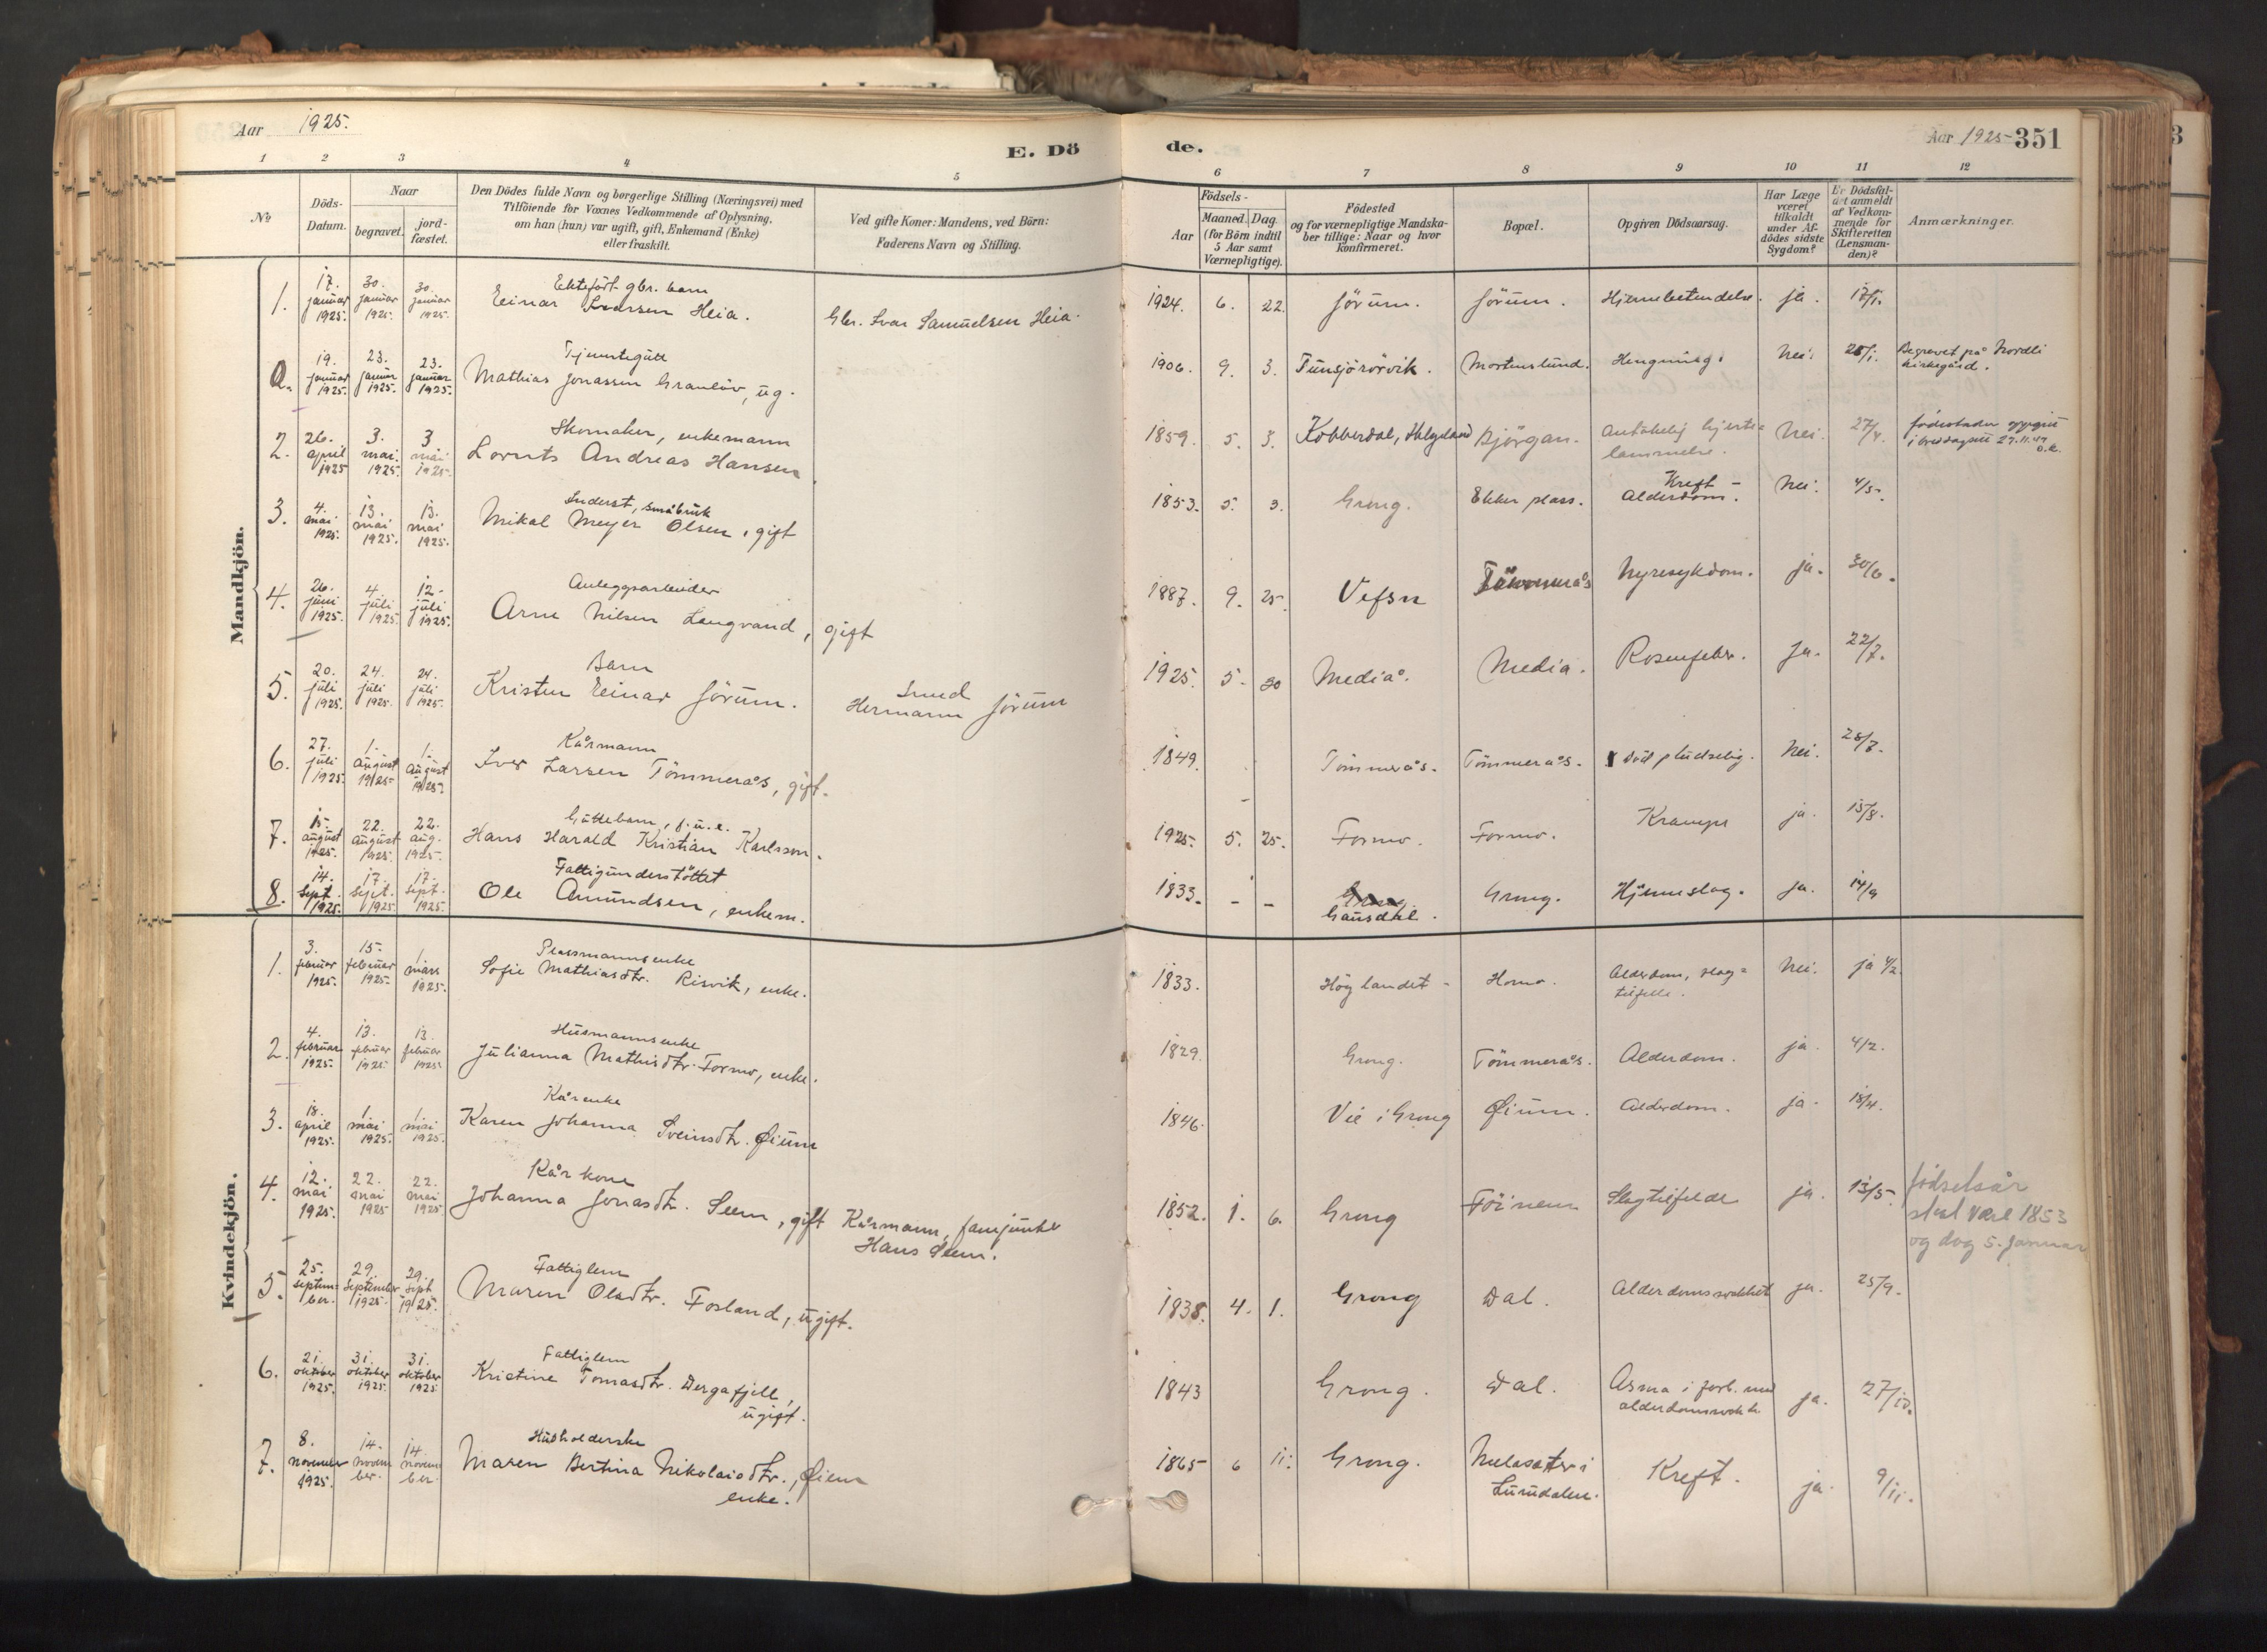 SAT, Ministerialprotokoller, klokkerbøker og fødselsregistre - Nord-Trøndelag, 758/L0519: Ministerialbok nr. 758A04, 1880-1926, s. 351